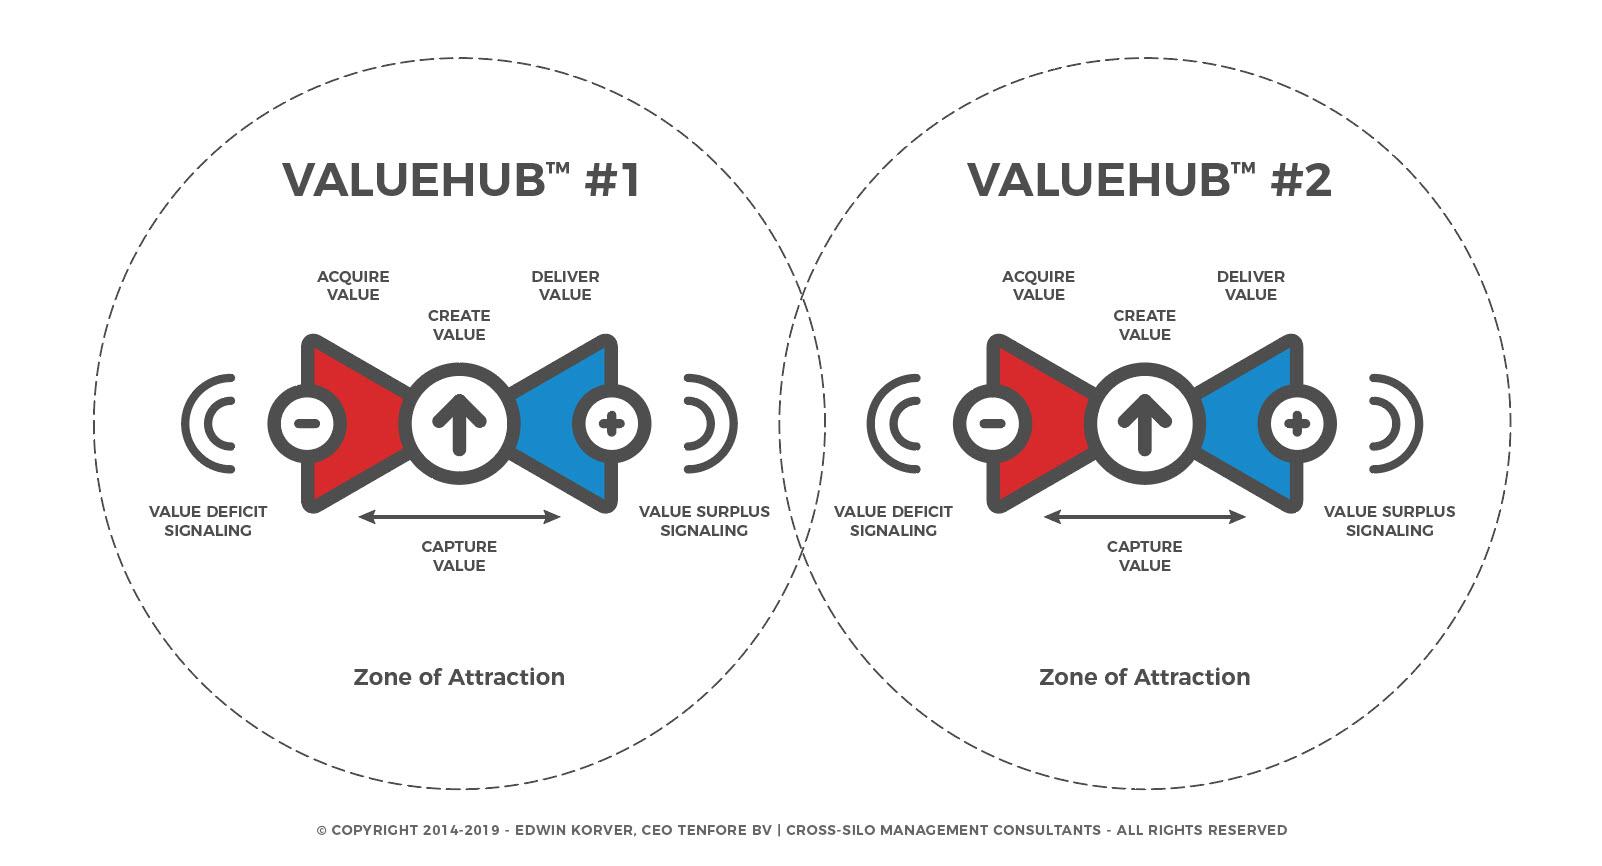 ROUNDMAP_ValueHub_Zone